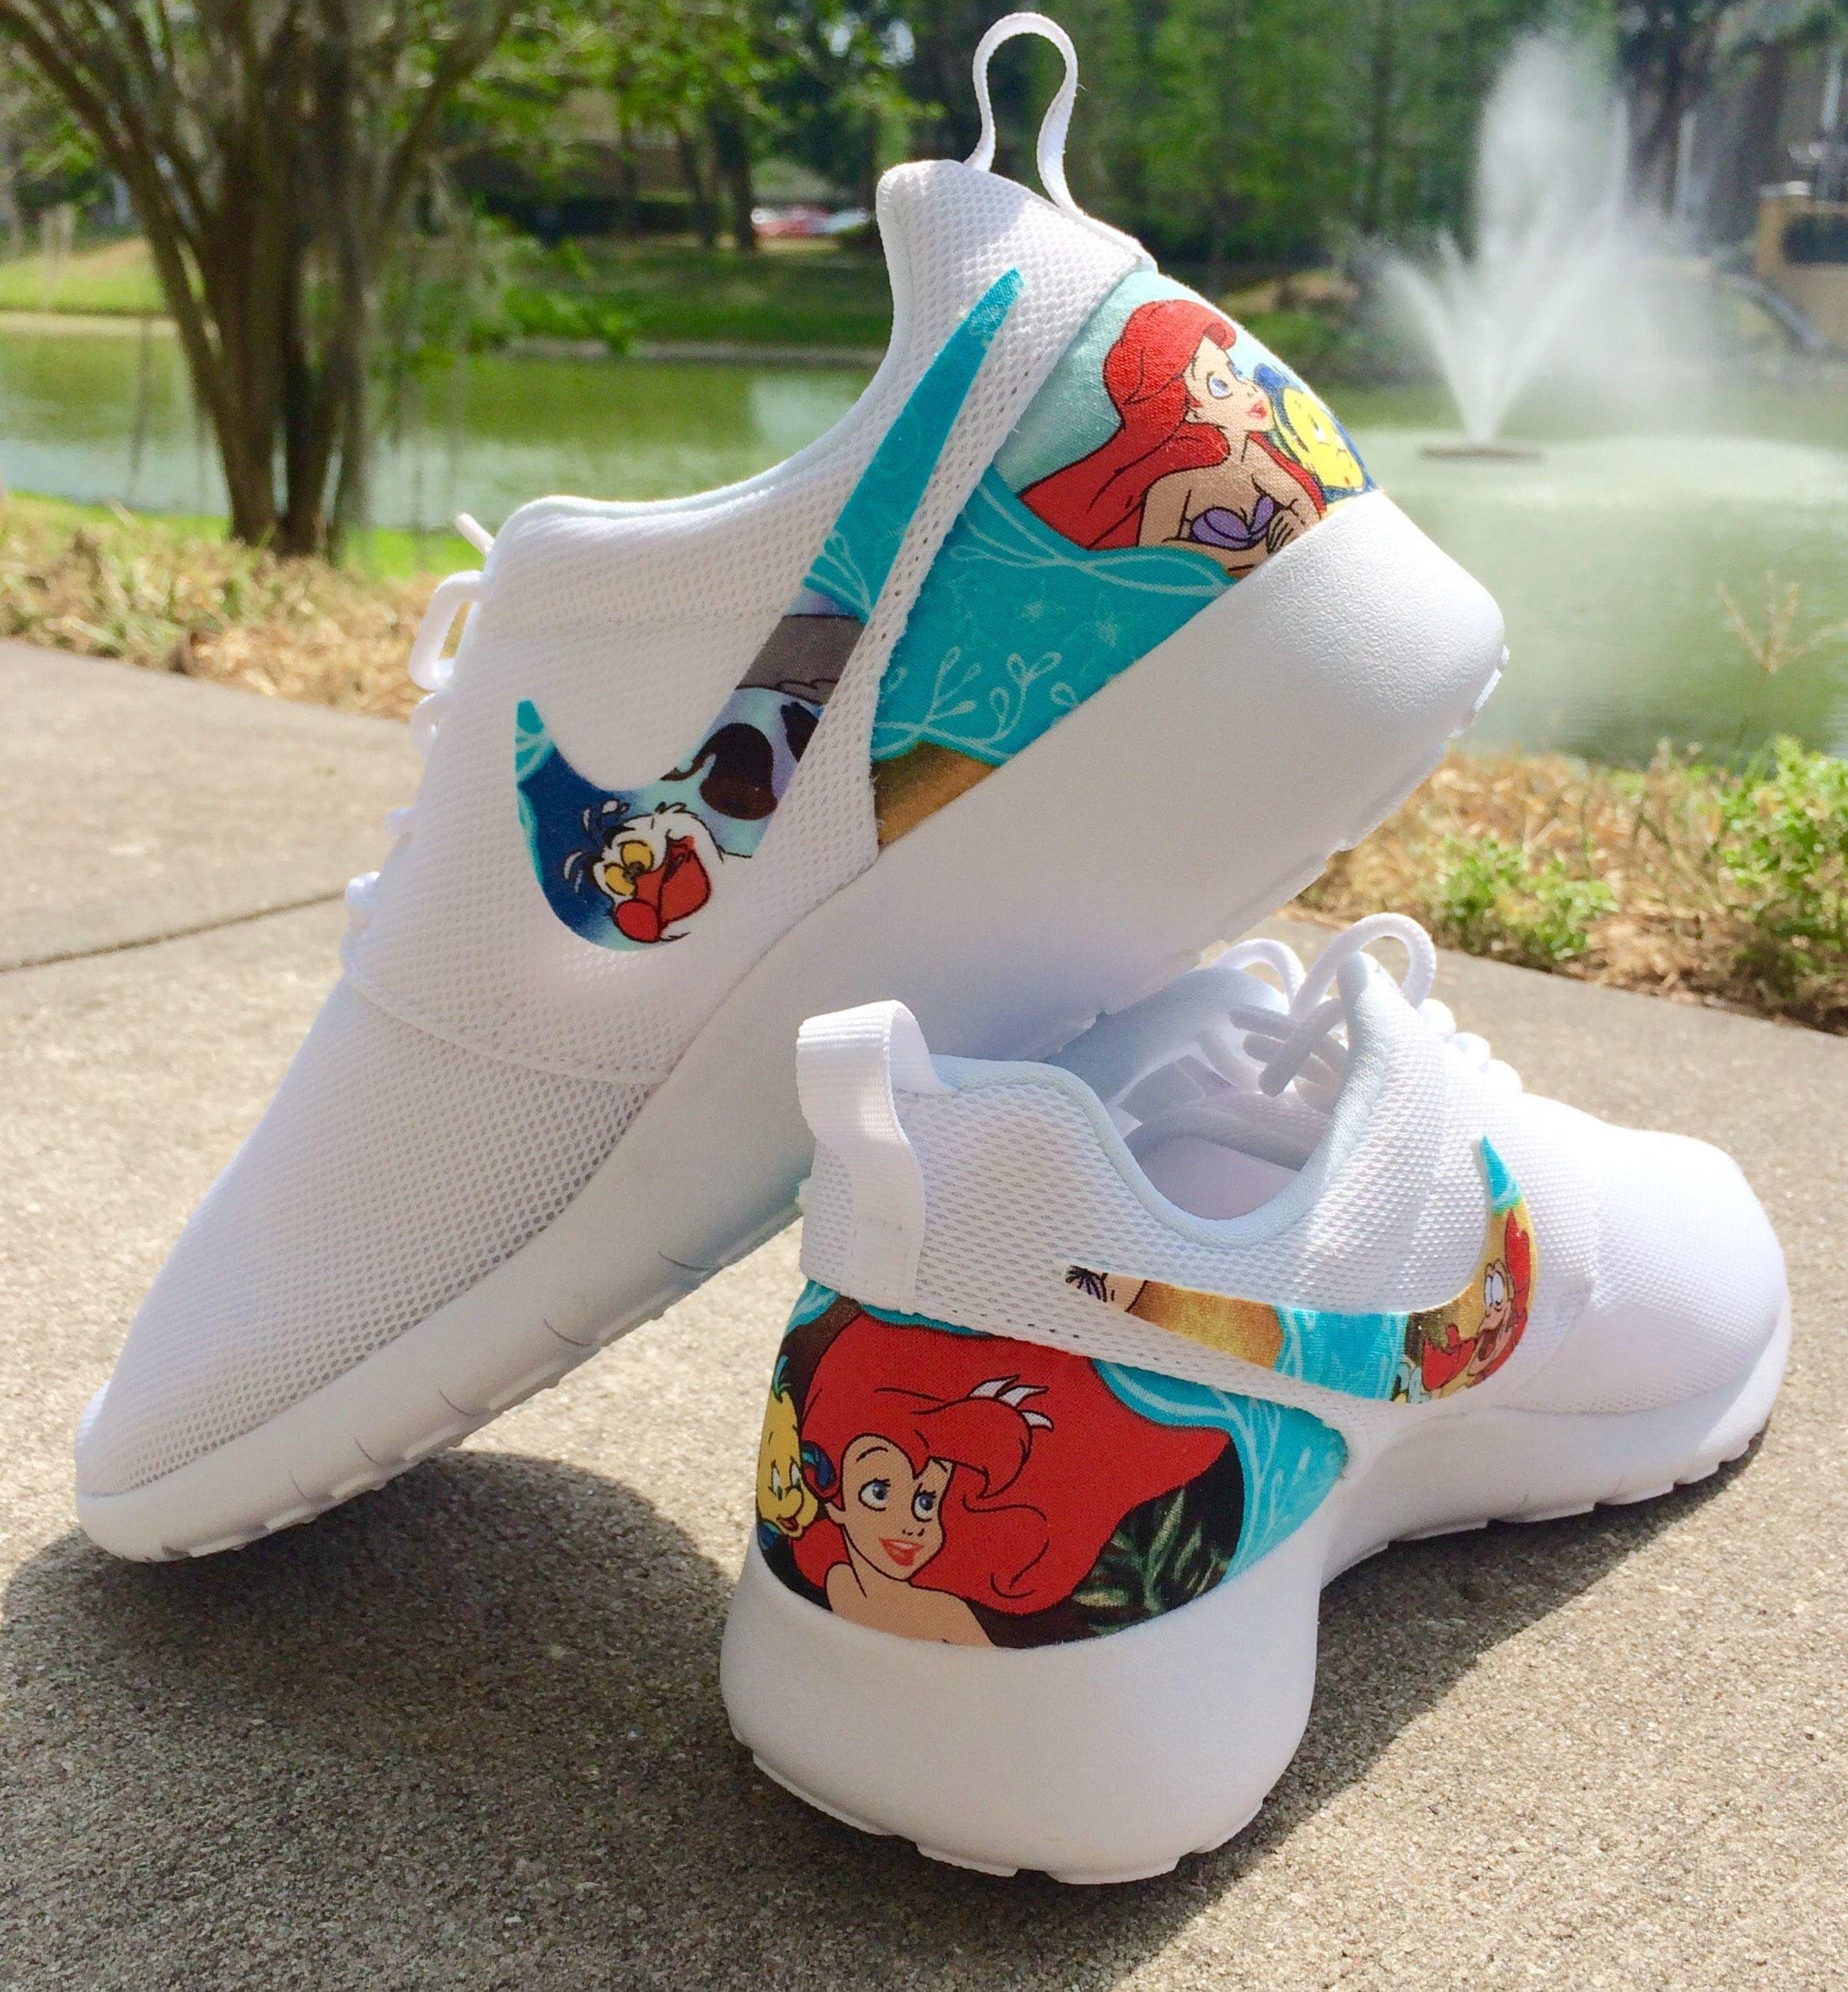 272ea4fdc1f2 The Little Mermaid Custom Nike Roshe